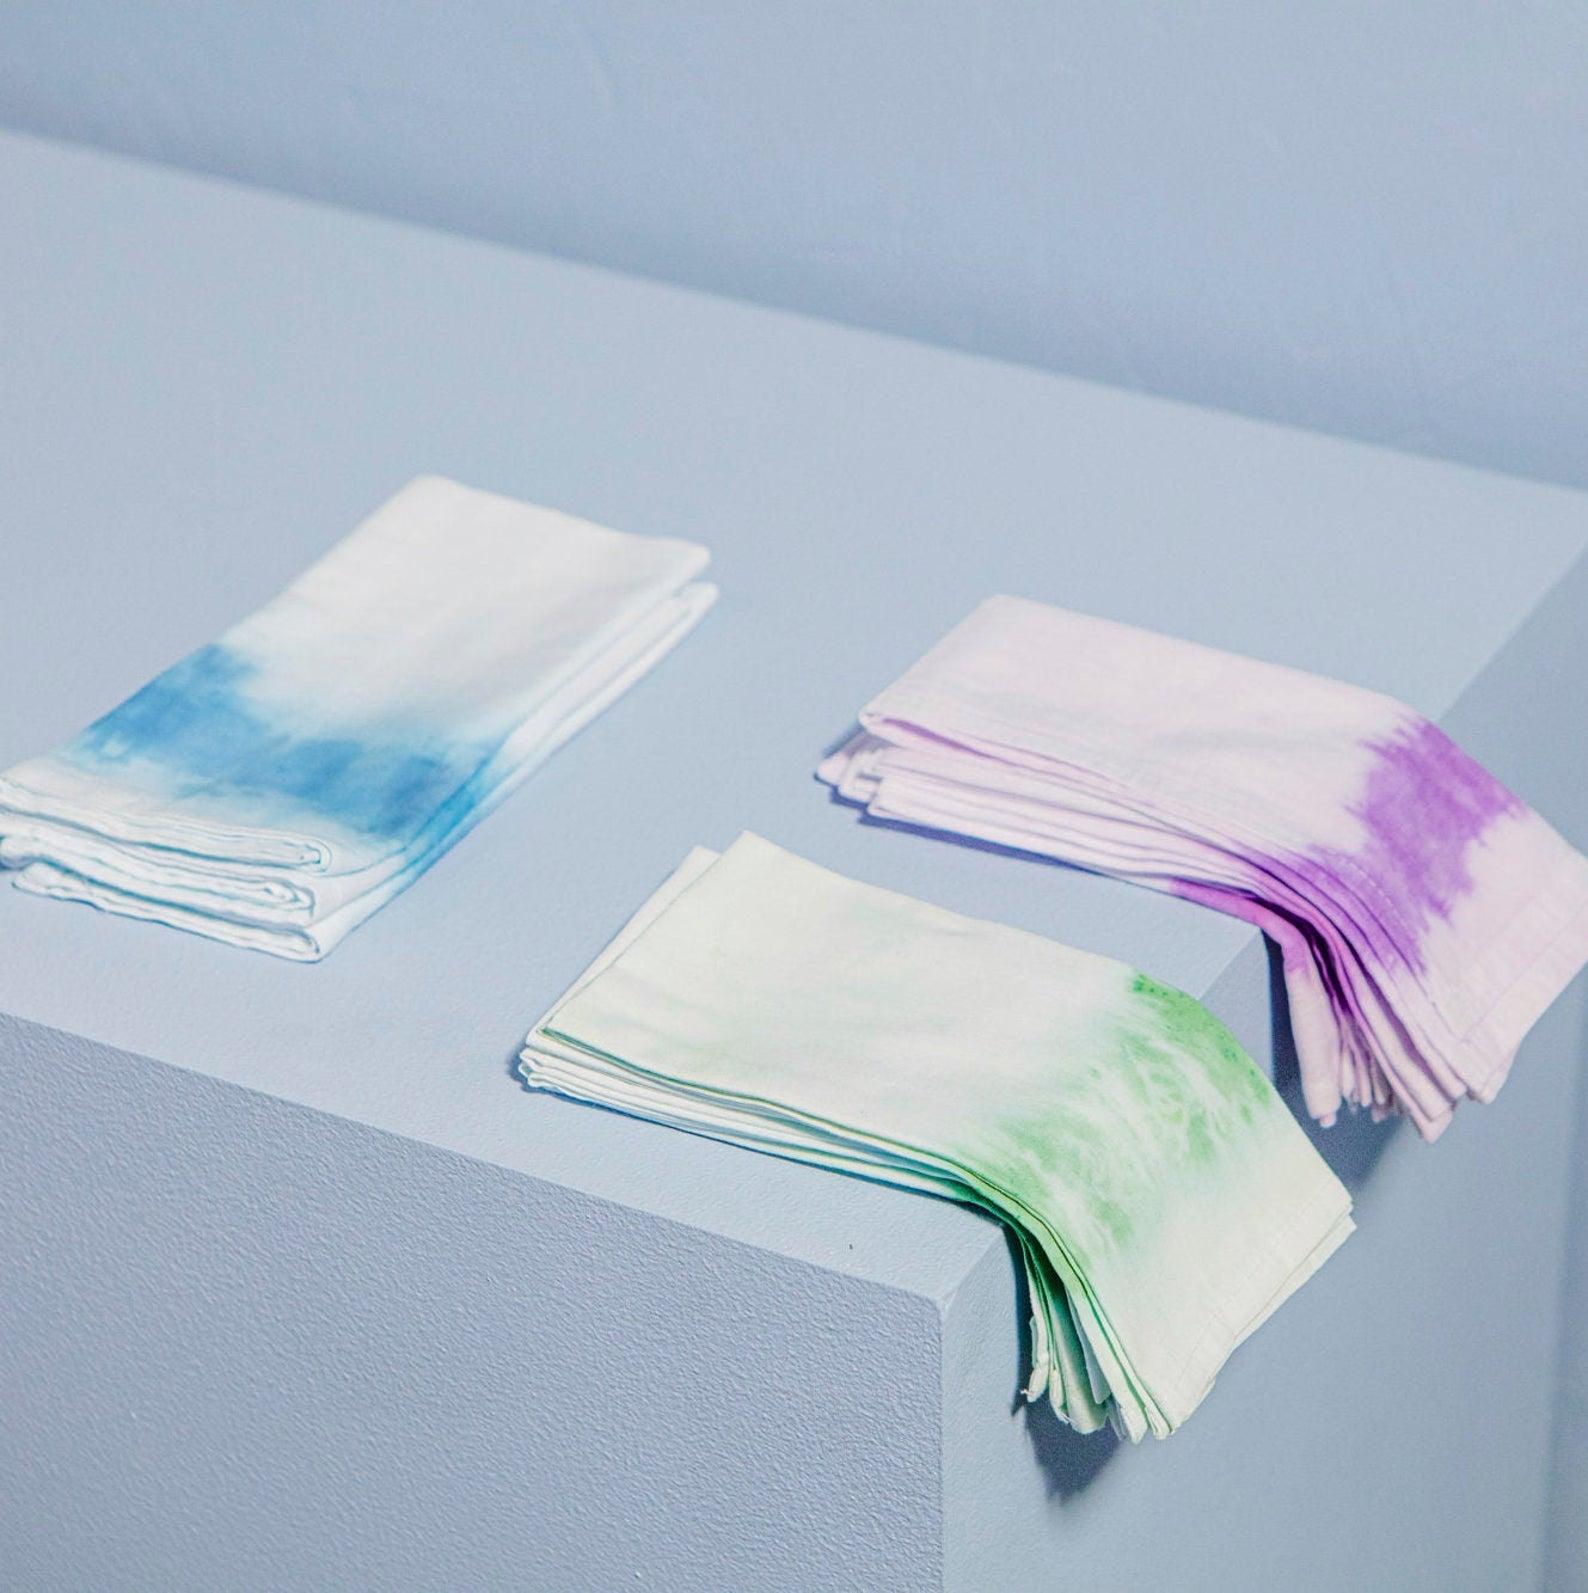 Ensemble de 2 serviettes bleues, 2 vertes, et 2 violettes, teintes en dégradé à la main en coton, 48,32 les 6 serviettes.